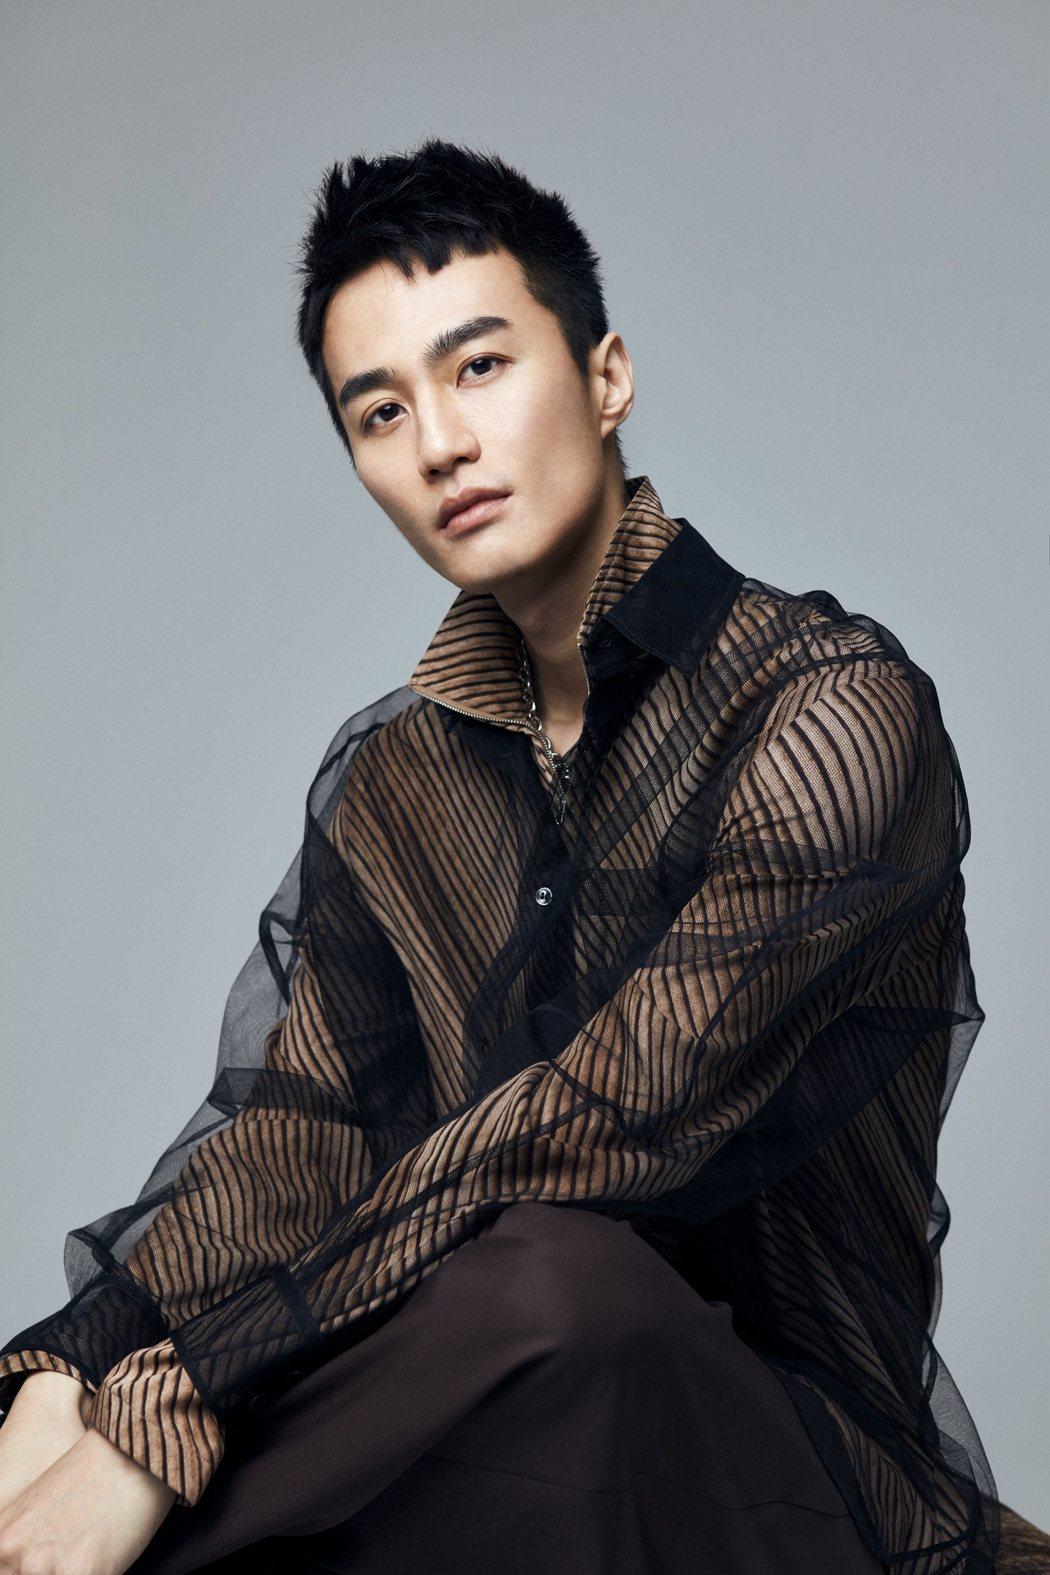 李英宏暌違4年推出新專輯「水哥2020」,預購即空降銷售榜冠軍。圖/顏社提供